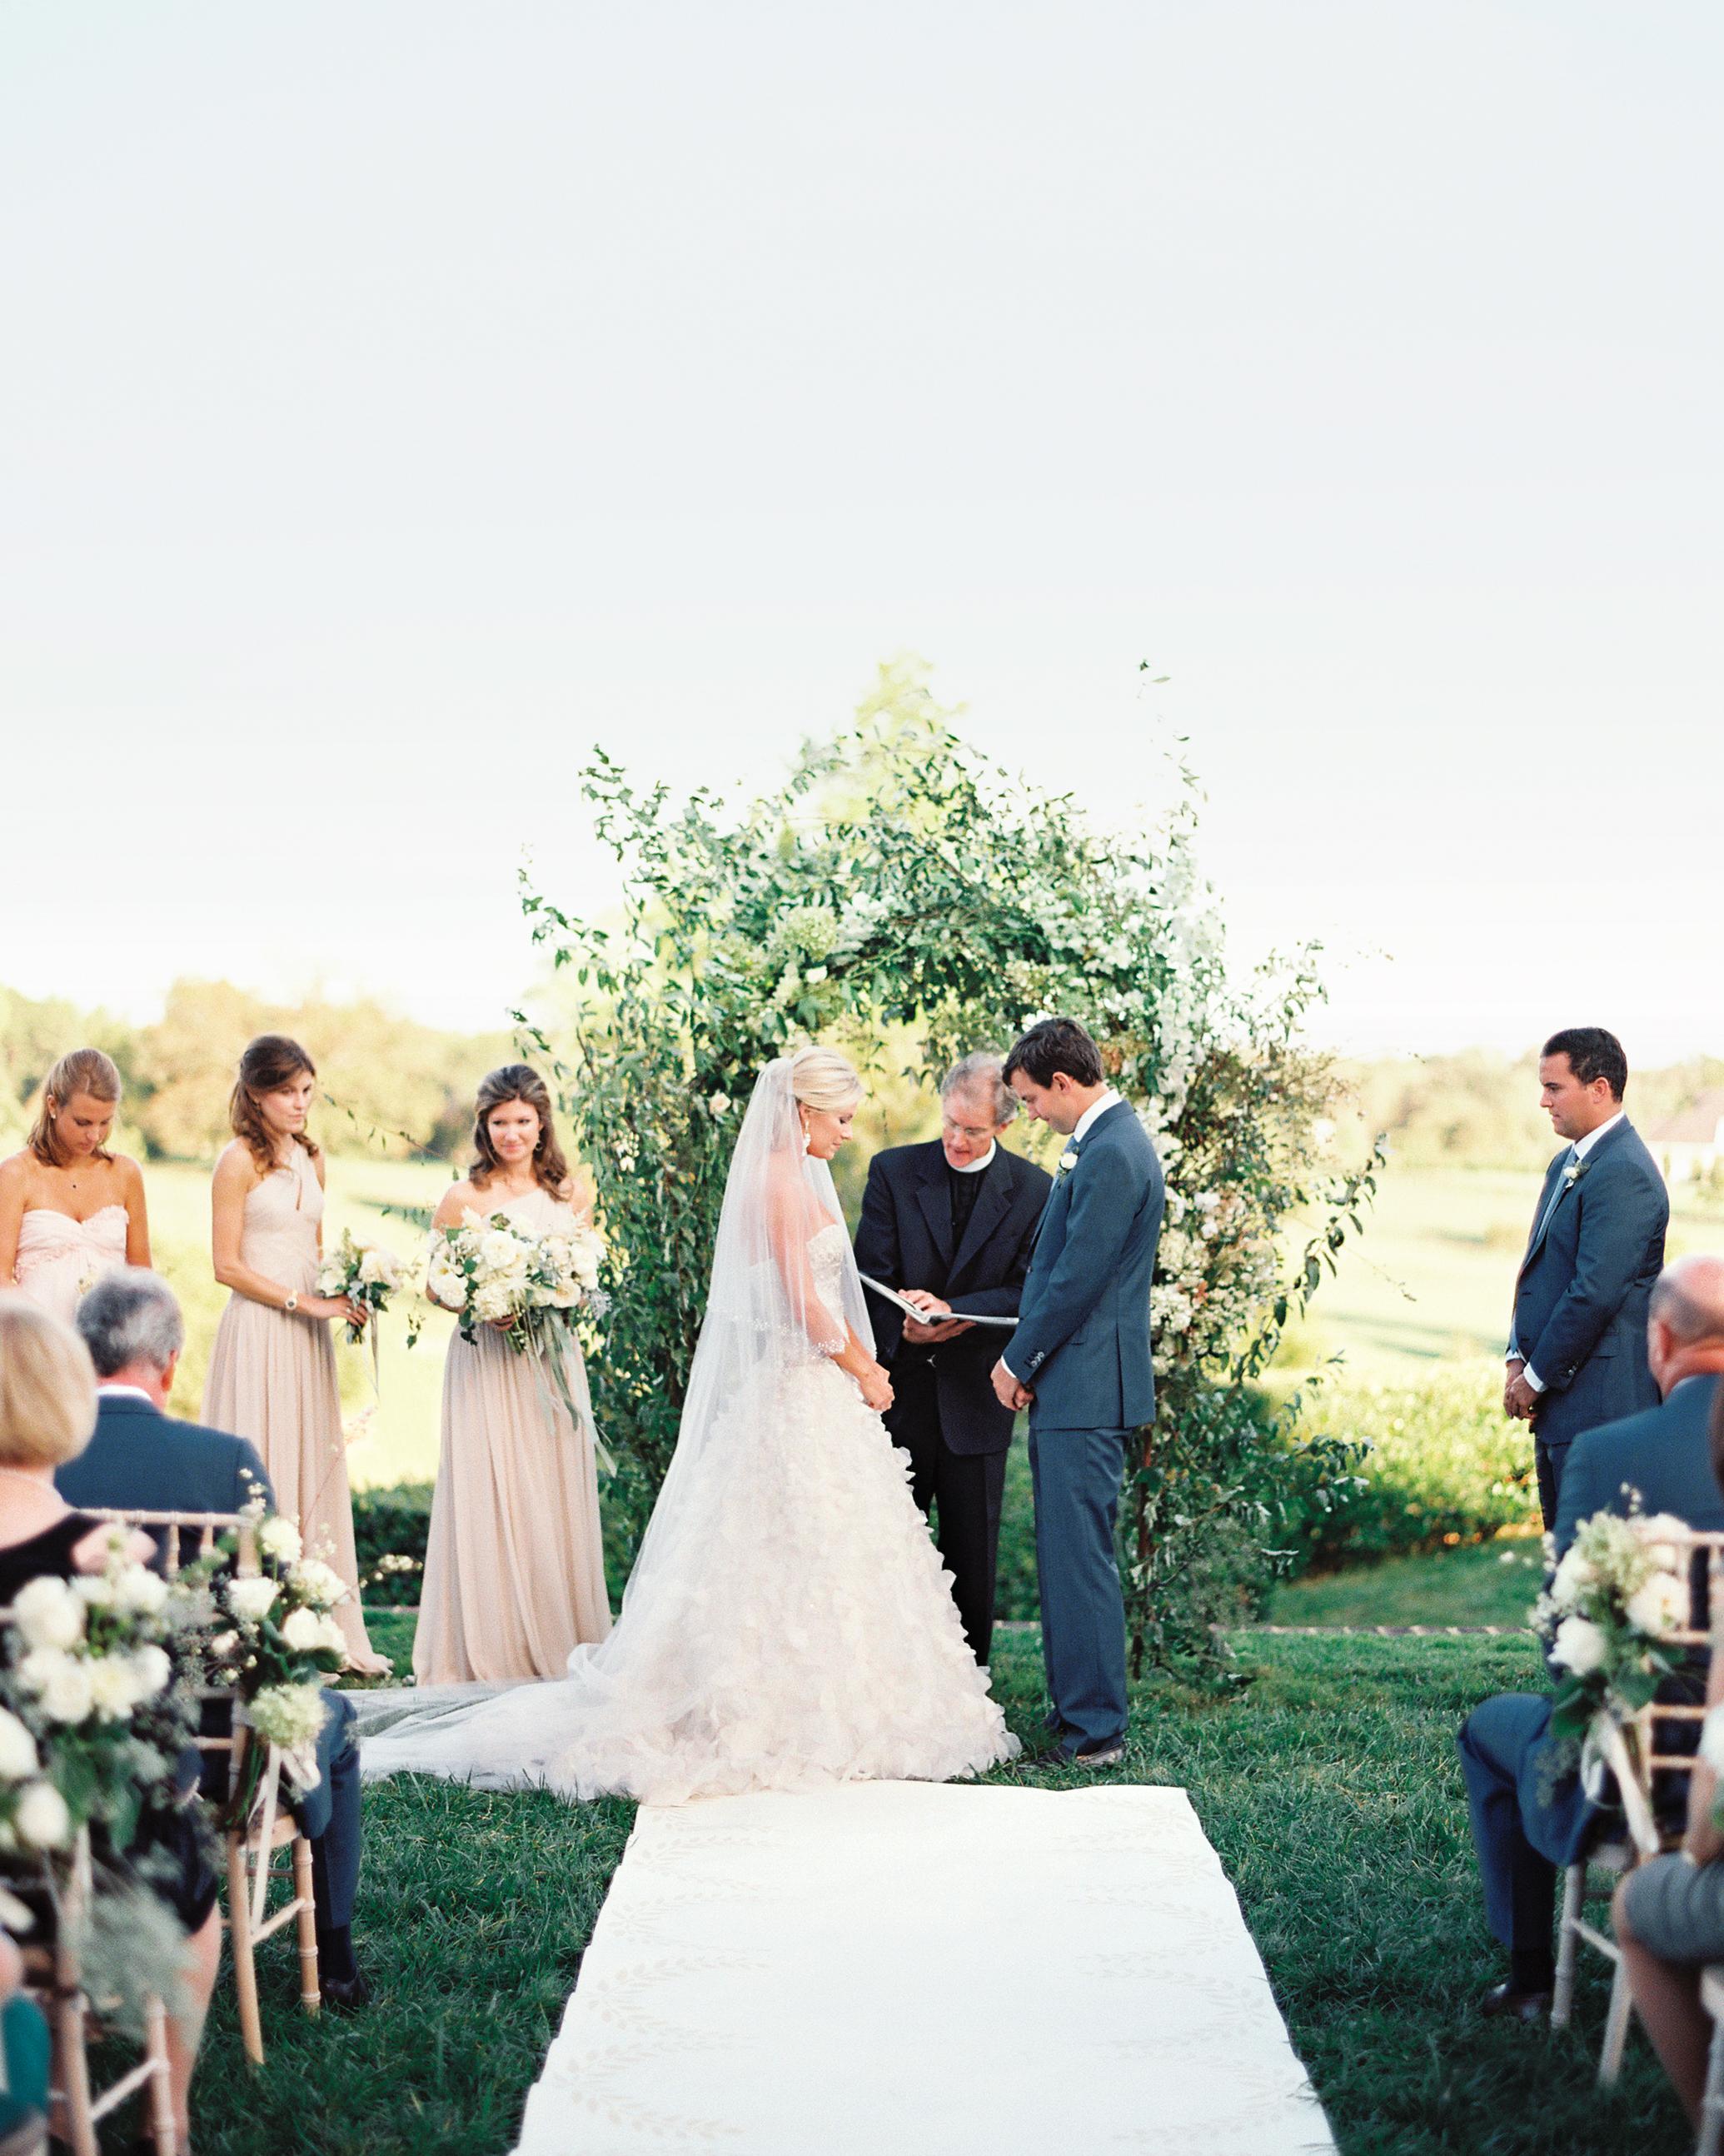 vows-brideandgroom-004772-r-1-001-mwds110148.jpg